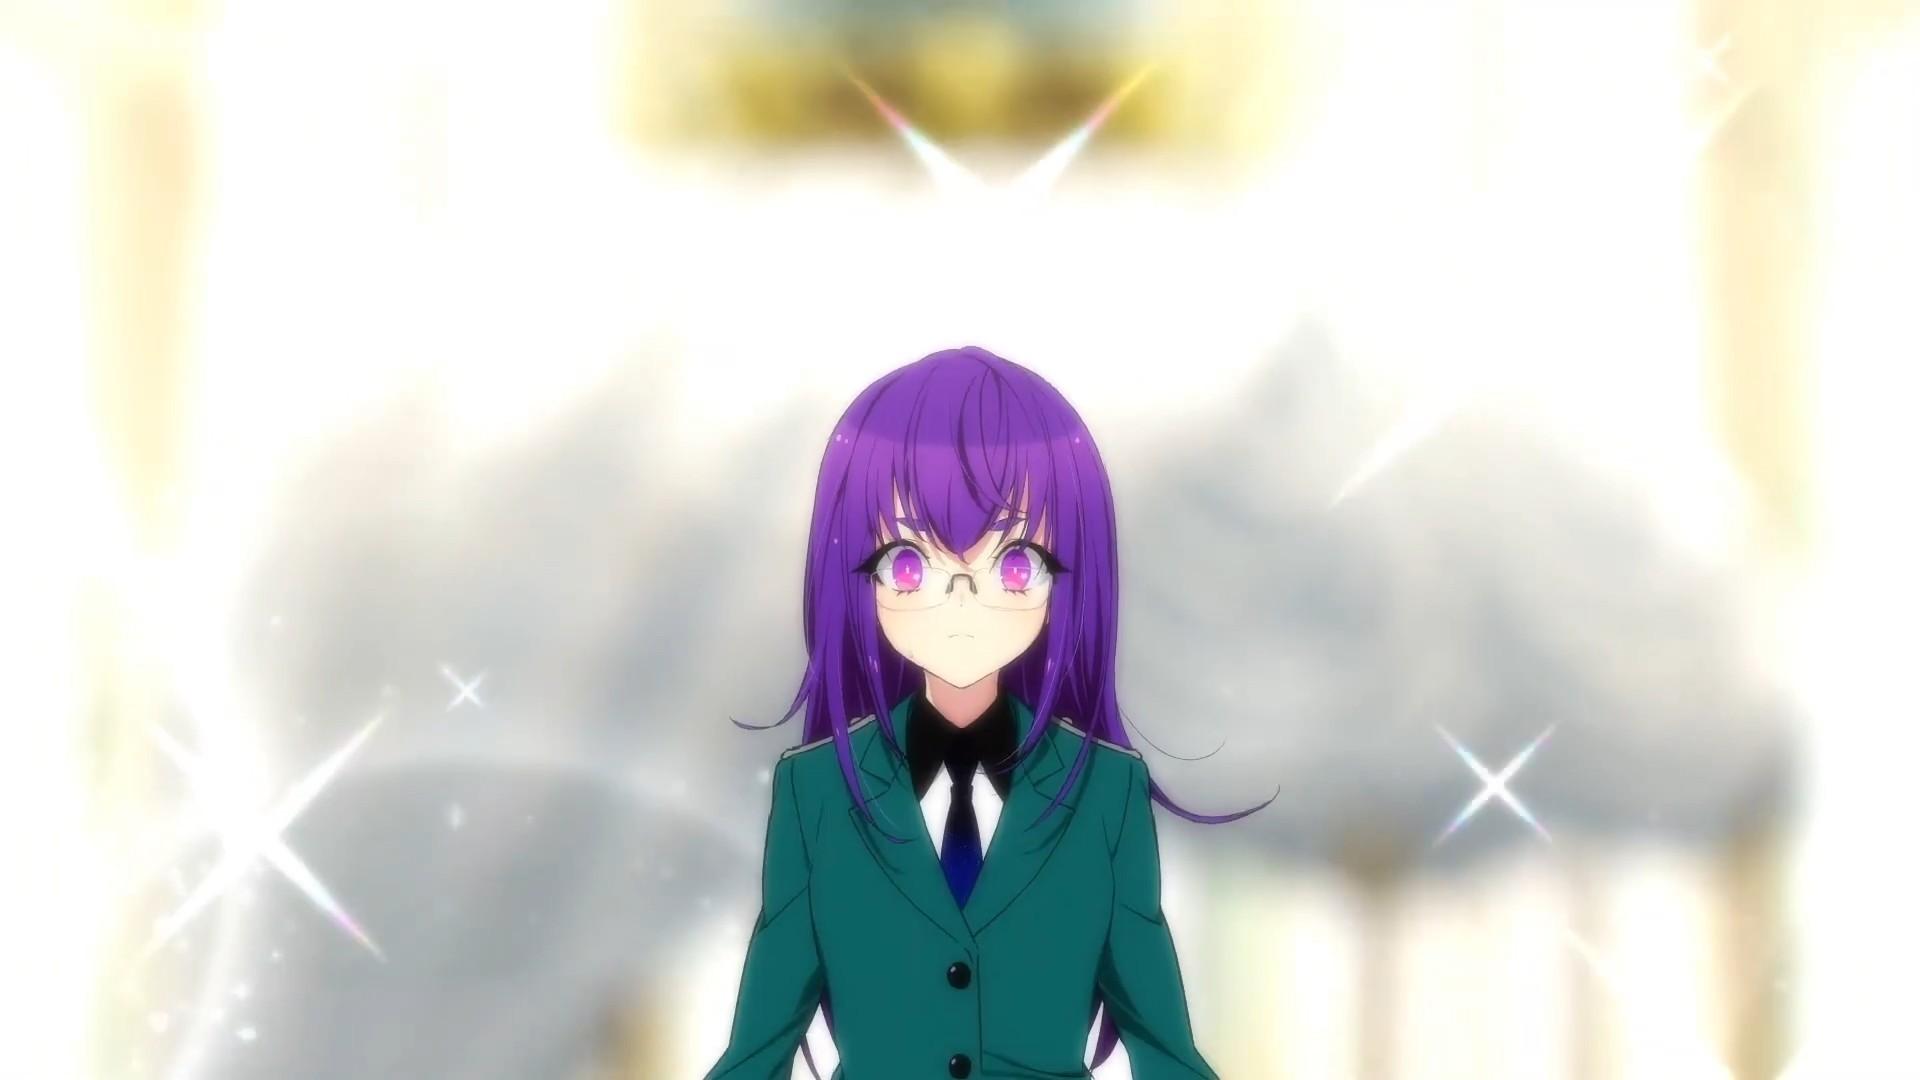 【情报】TV动画《美少年侦探团》第1弹PV公开,4月10日播出